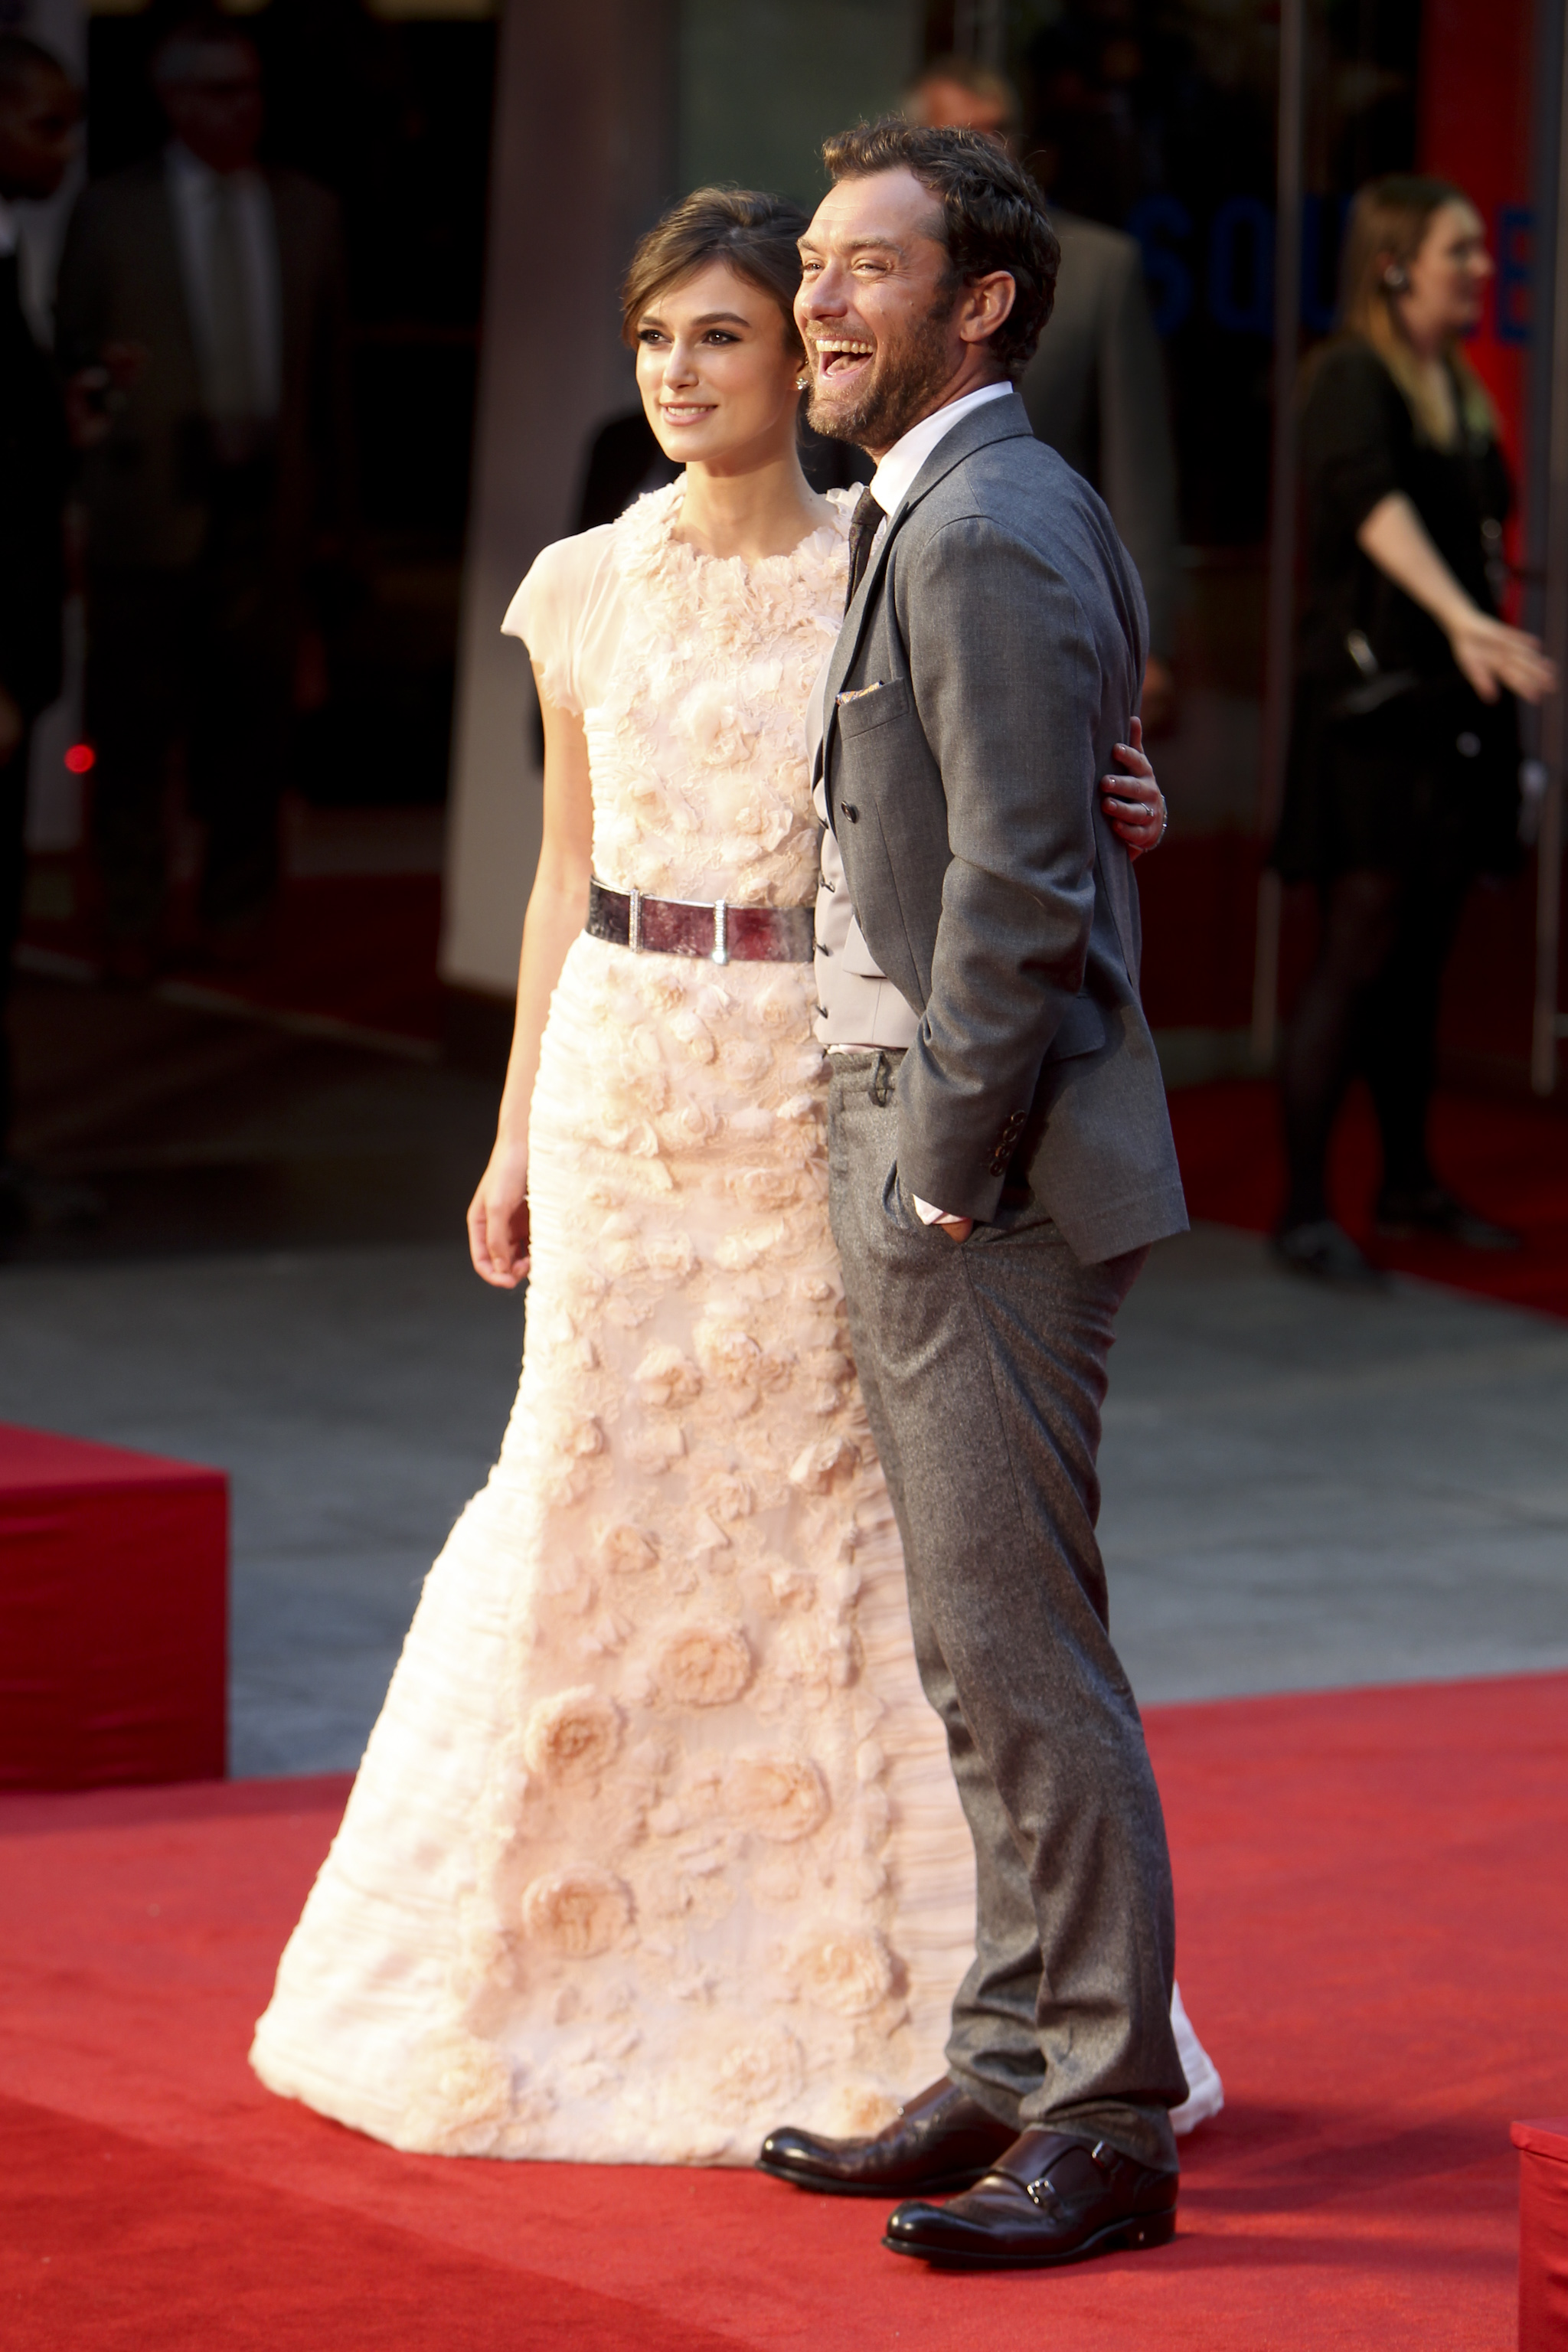 """<!--:bg-->Кийра Найтли и Джъд Лоу на премиерата на филма """"Анна Каренина"""" в Лондон<!--:--><!--:en-->Keira Knightley and Judd Law at the premiere of """"Anna Karenina"""" in London<!--:-->"""